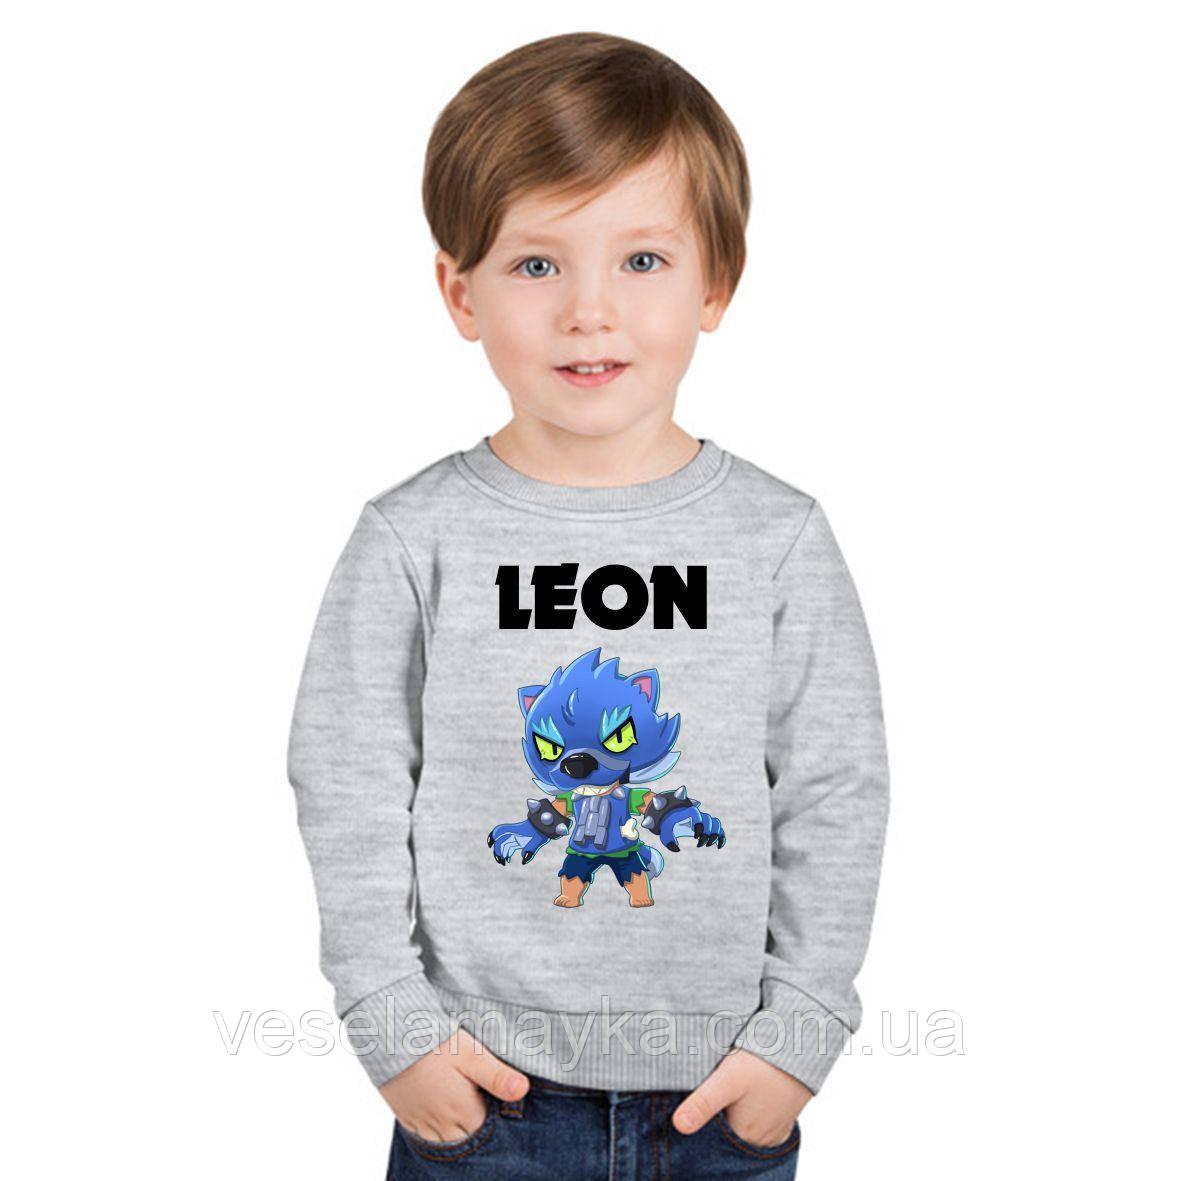 Детский свитшт Leon Werewolf 2 (Размер 5-6 лет)